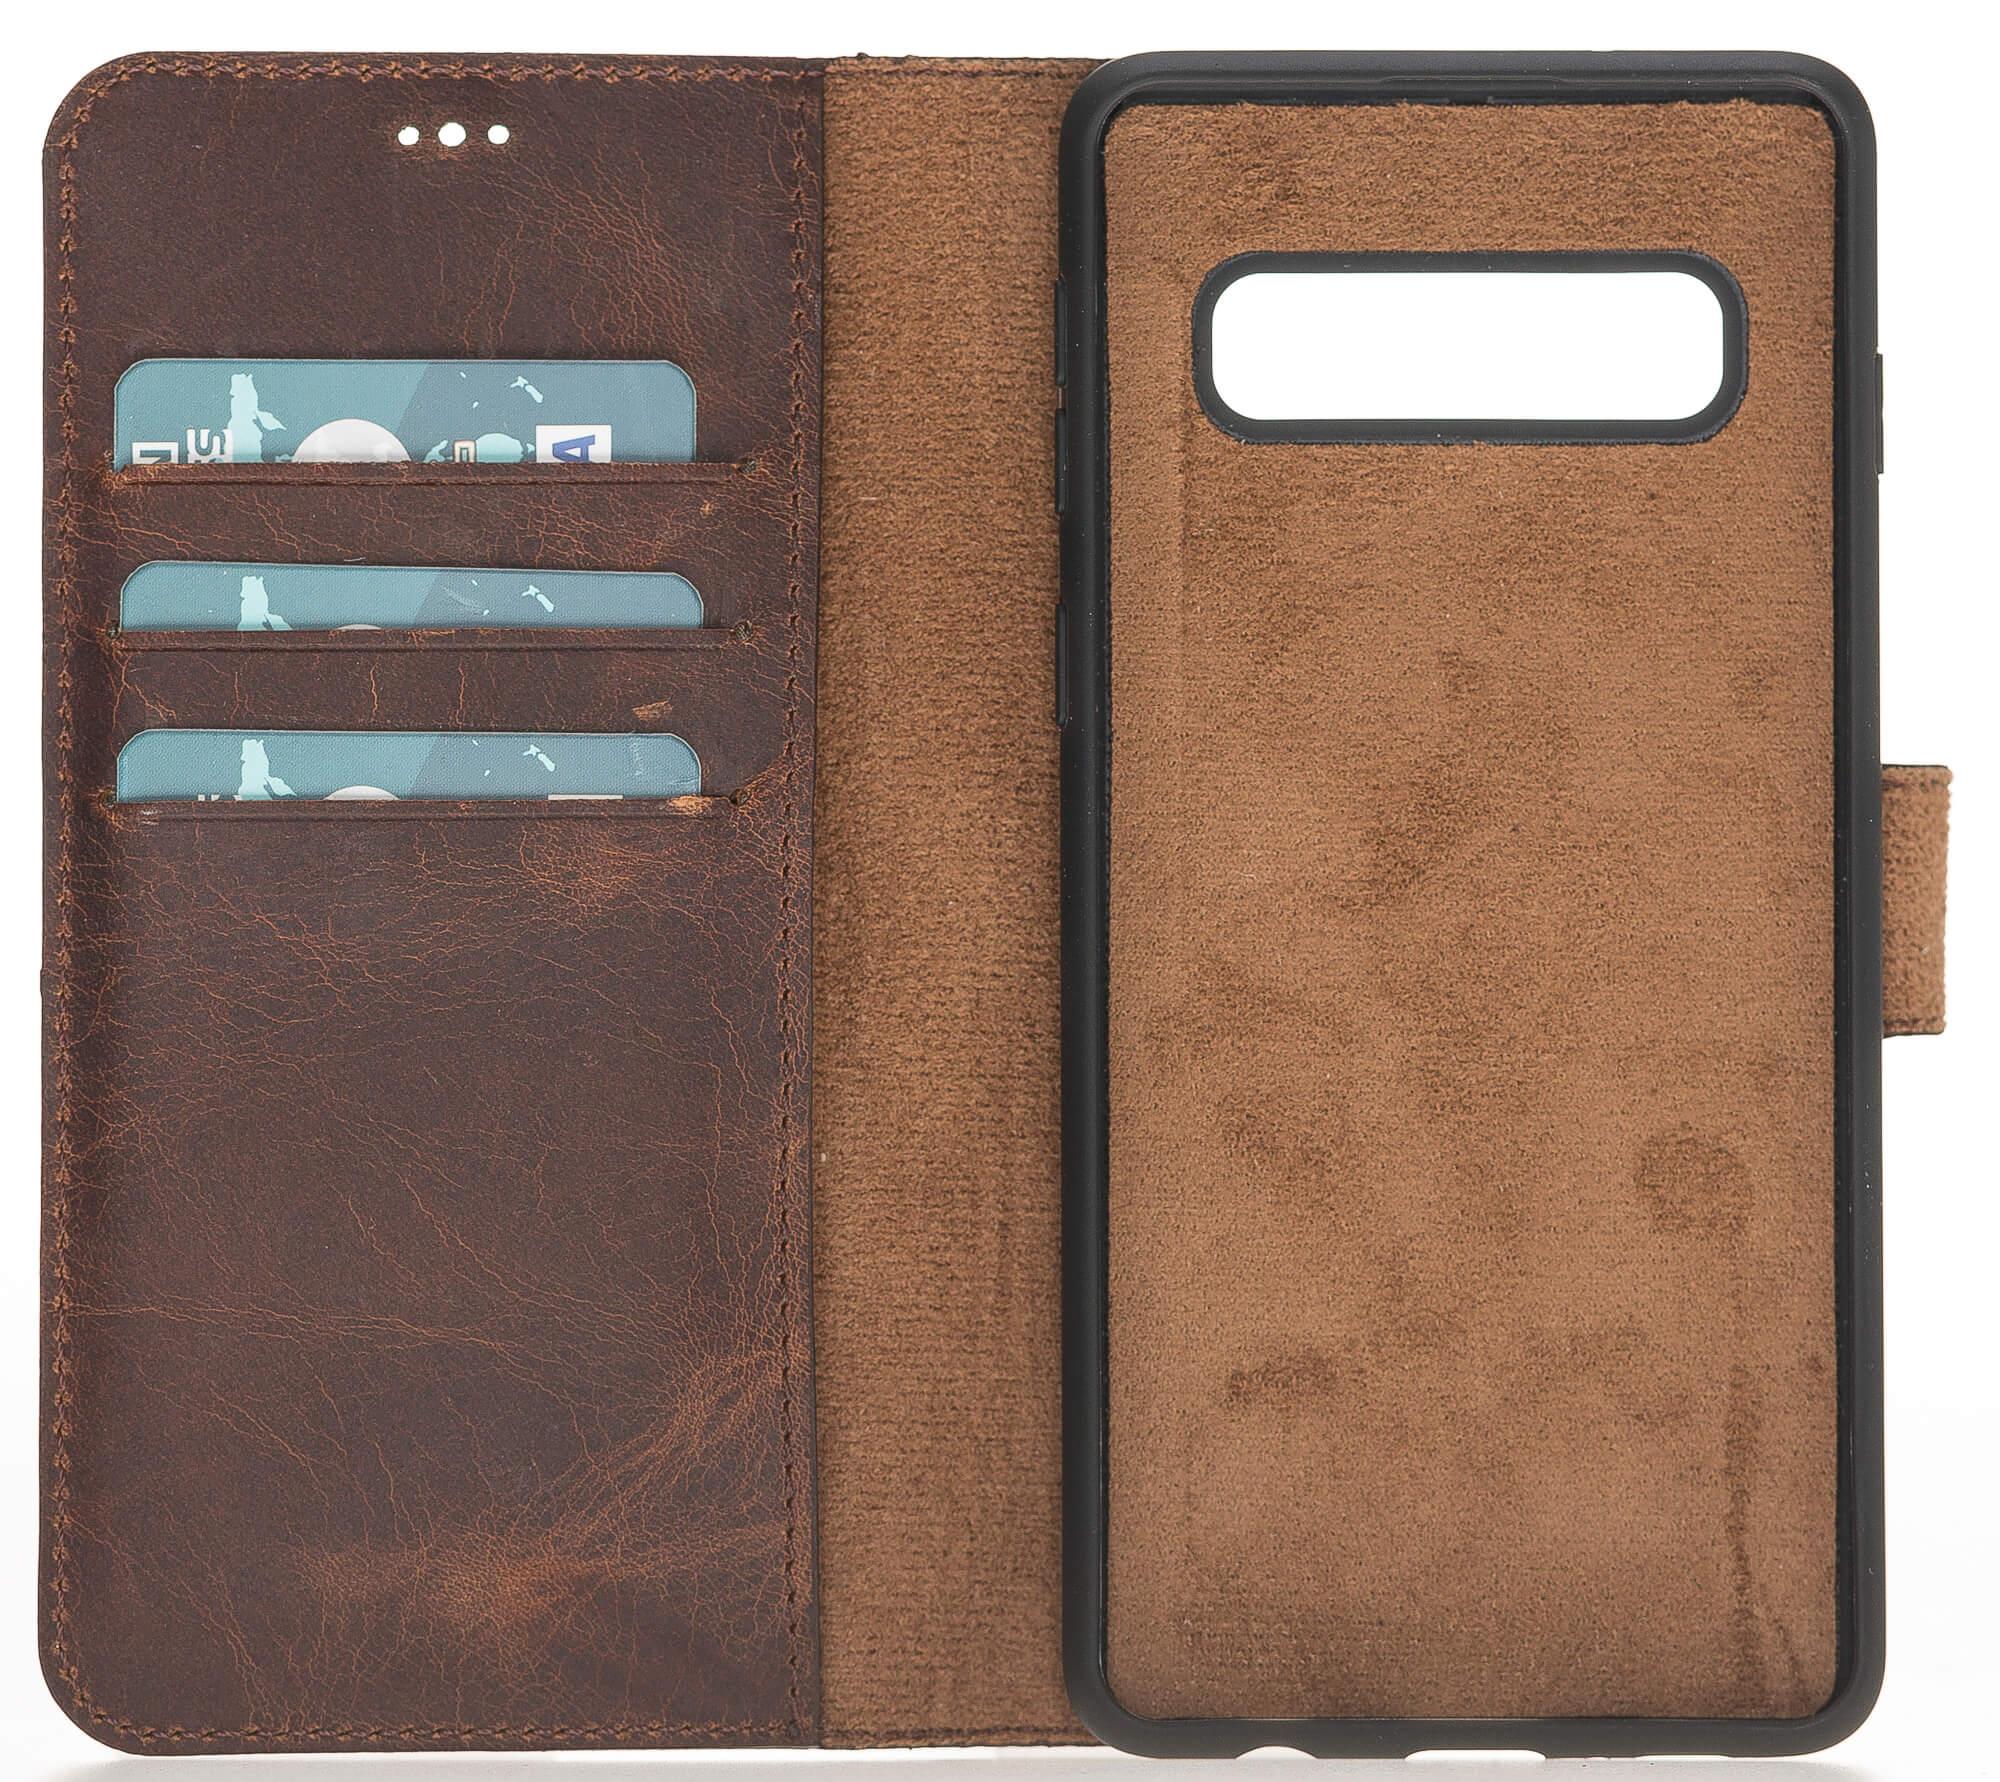 """Samsung S10 abnehmbare Lederhülle """"Harvard"""" in Vintage Braun Leder Hülle Tasche Lederhülle Ledertasche"""